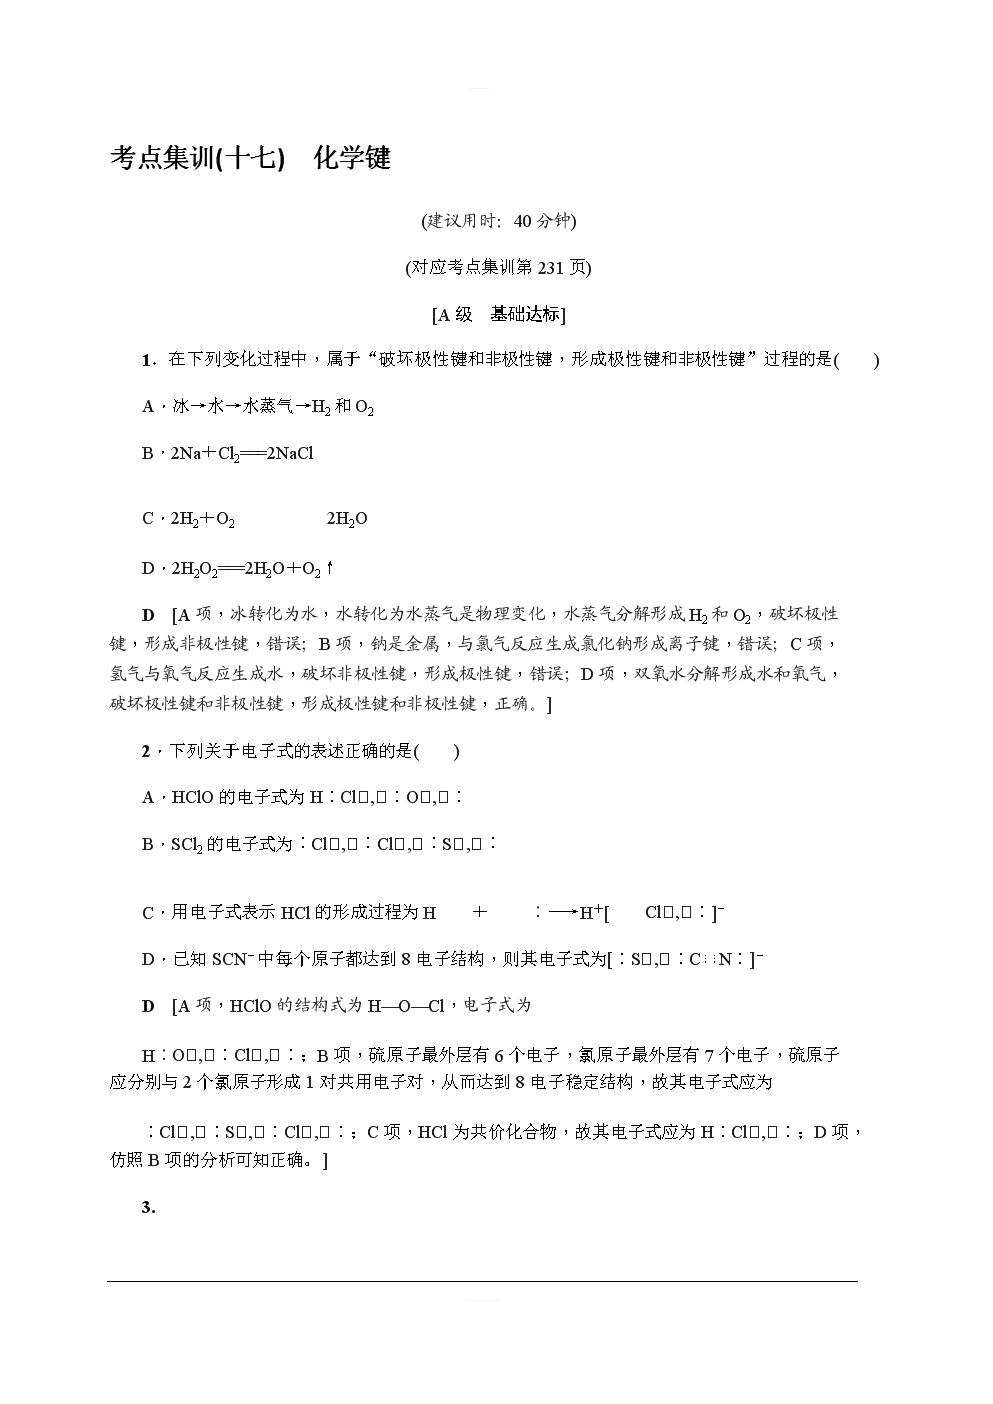 2020版名师导学高考新课标化学第一轮总复习考点集训(十七)化学键含解析.docx